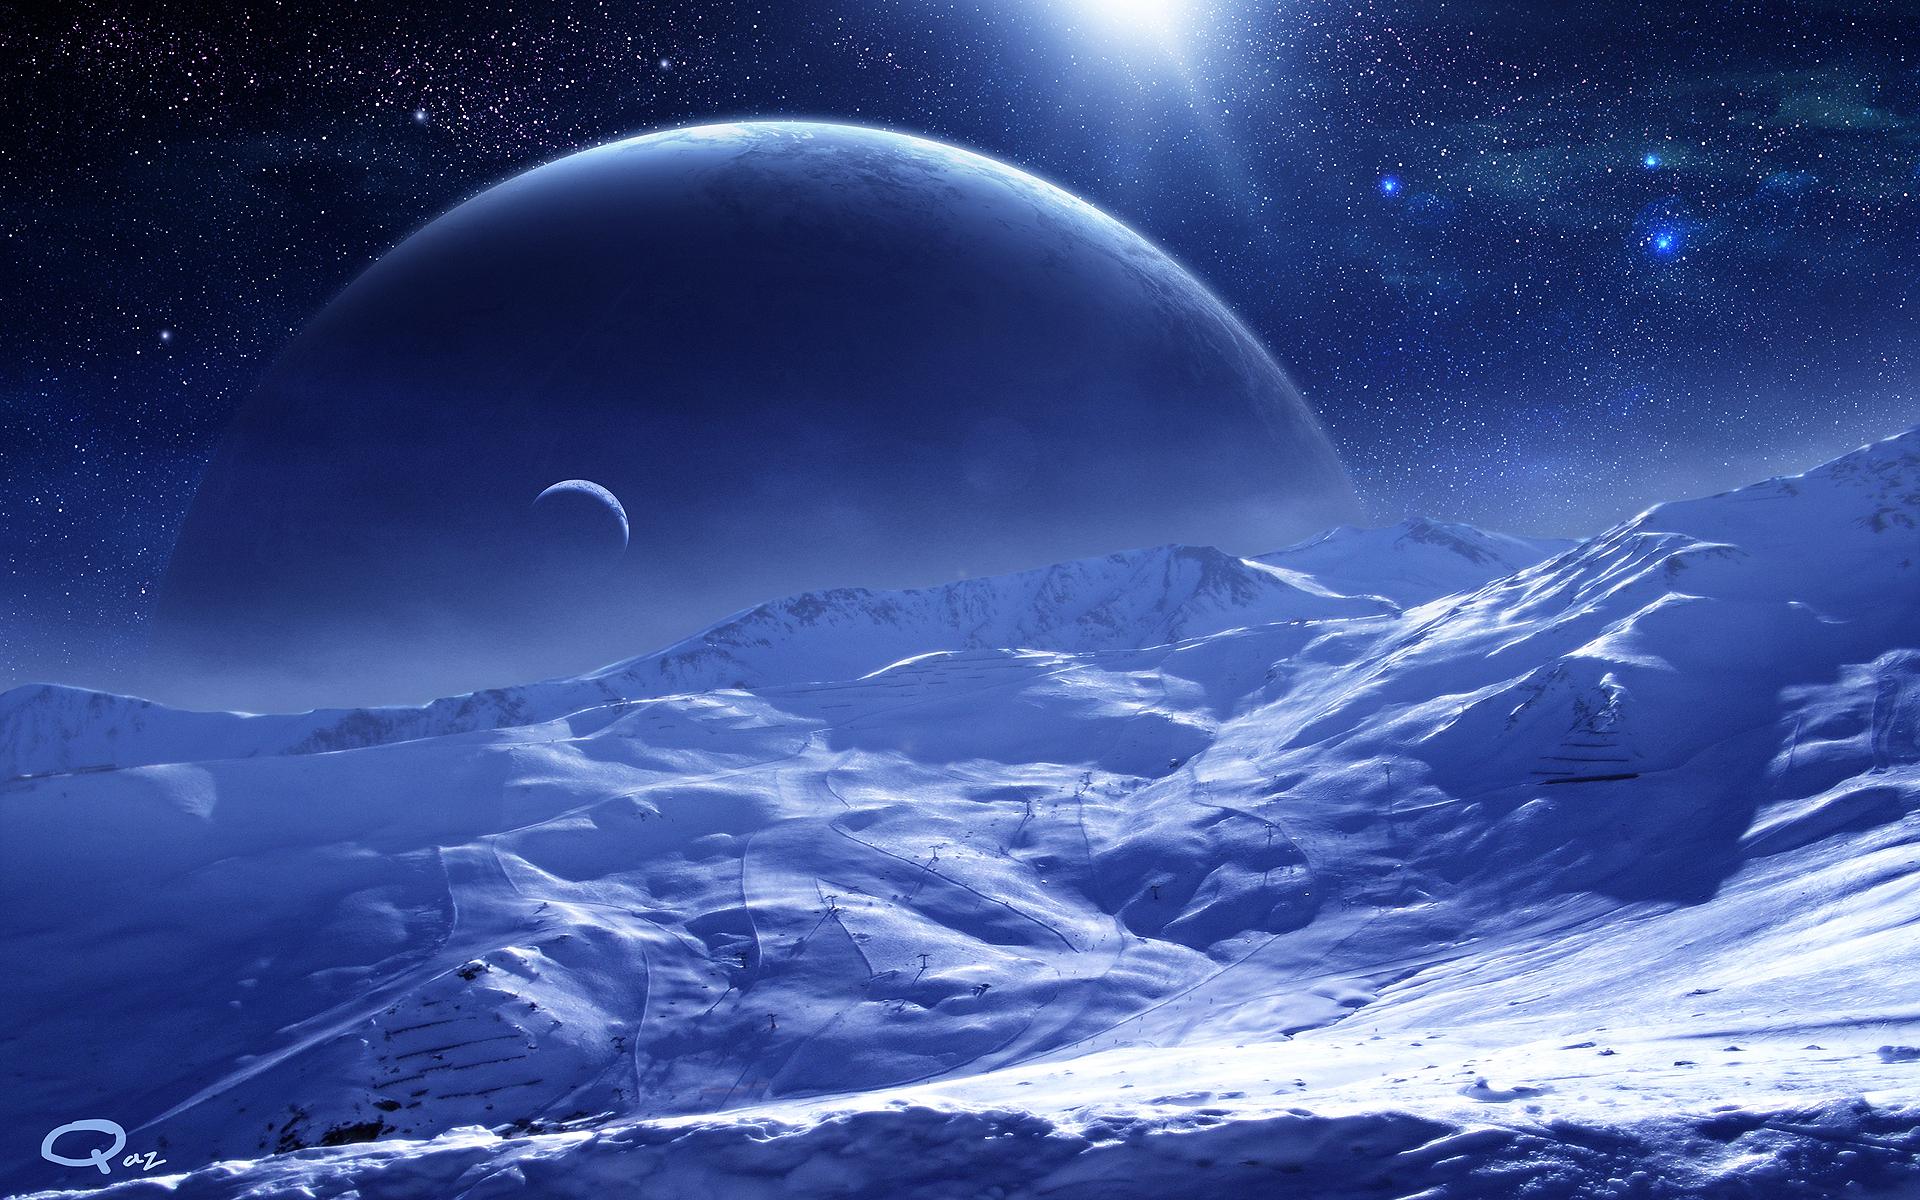 Обои Планета звезда спутник картинки на рабочий стол на тему Космос - скачать бесплатно